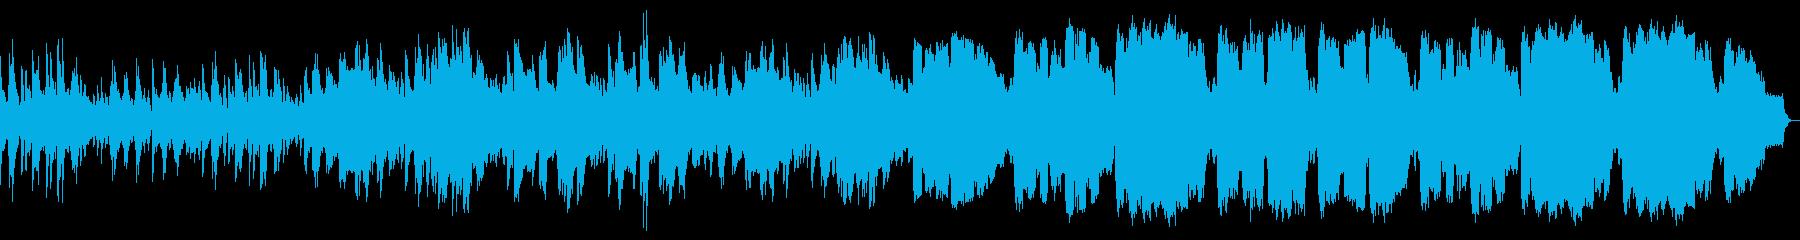 ピアノとSAXがメインの優しいワルツの再生済みの波形